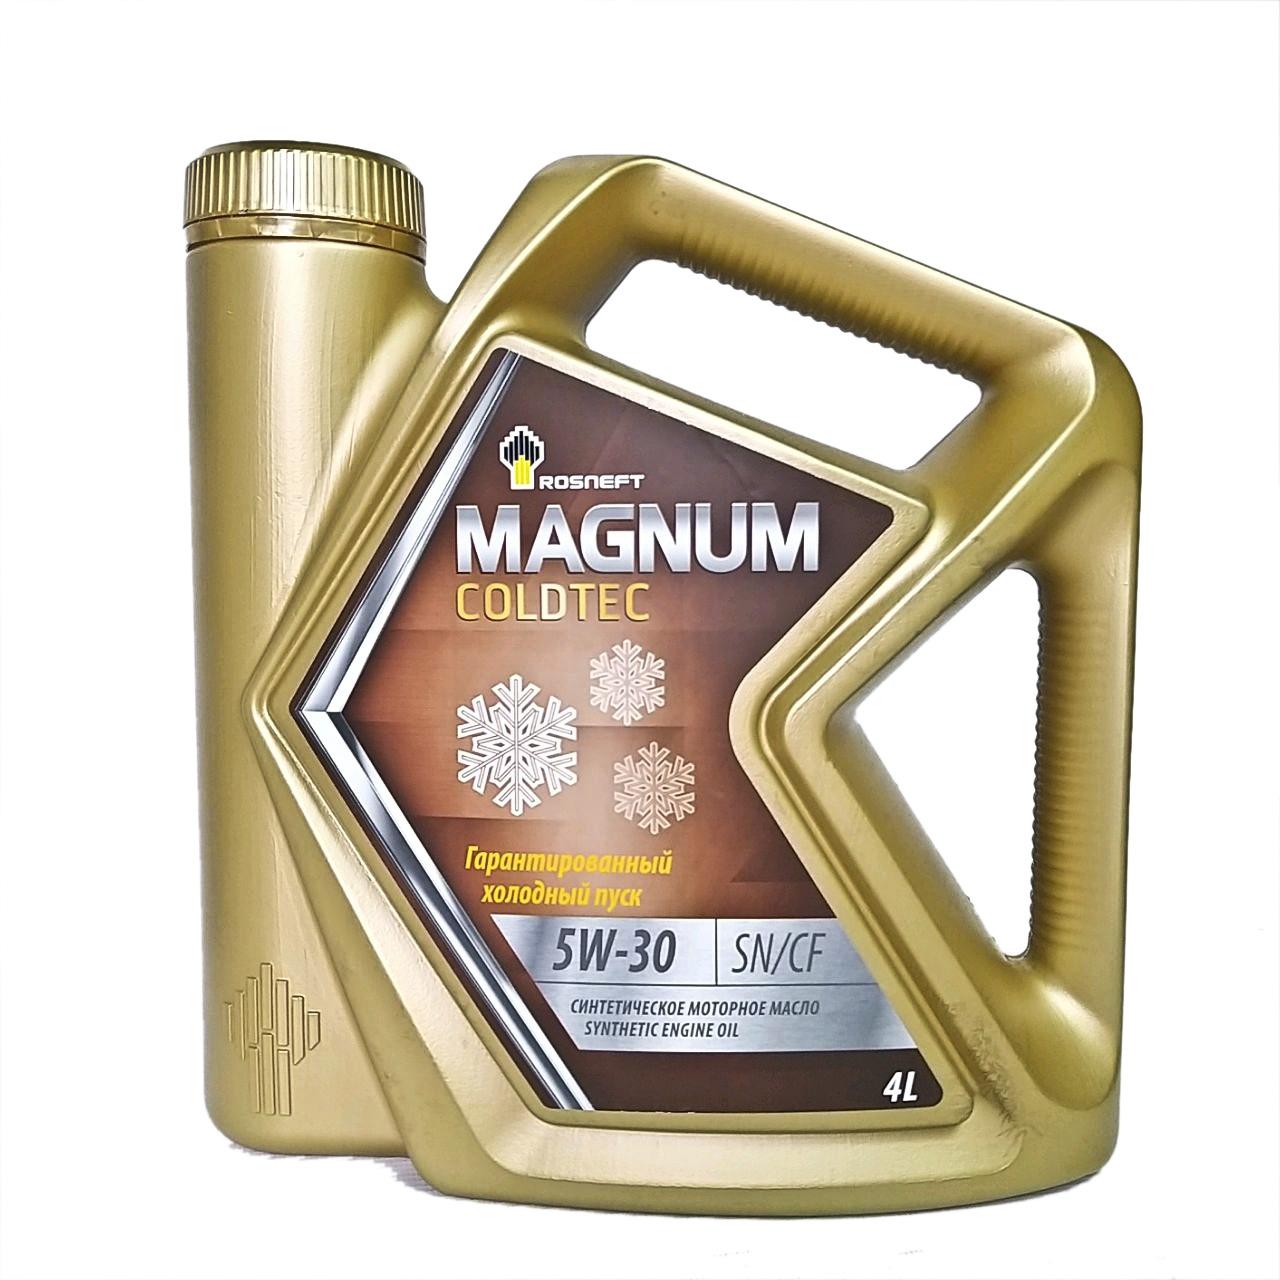 Rosneft Magnum Coldtec 5W-30 (SN/CF) 4L.